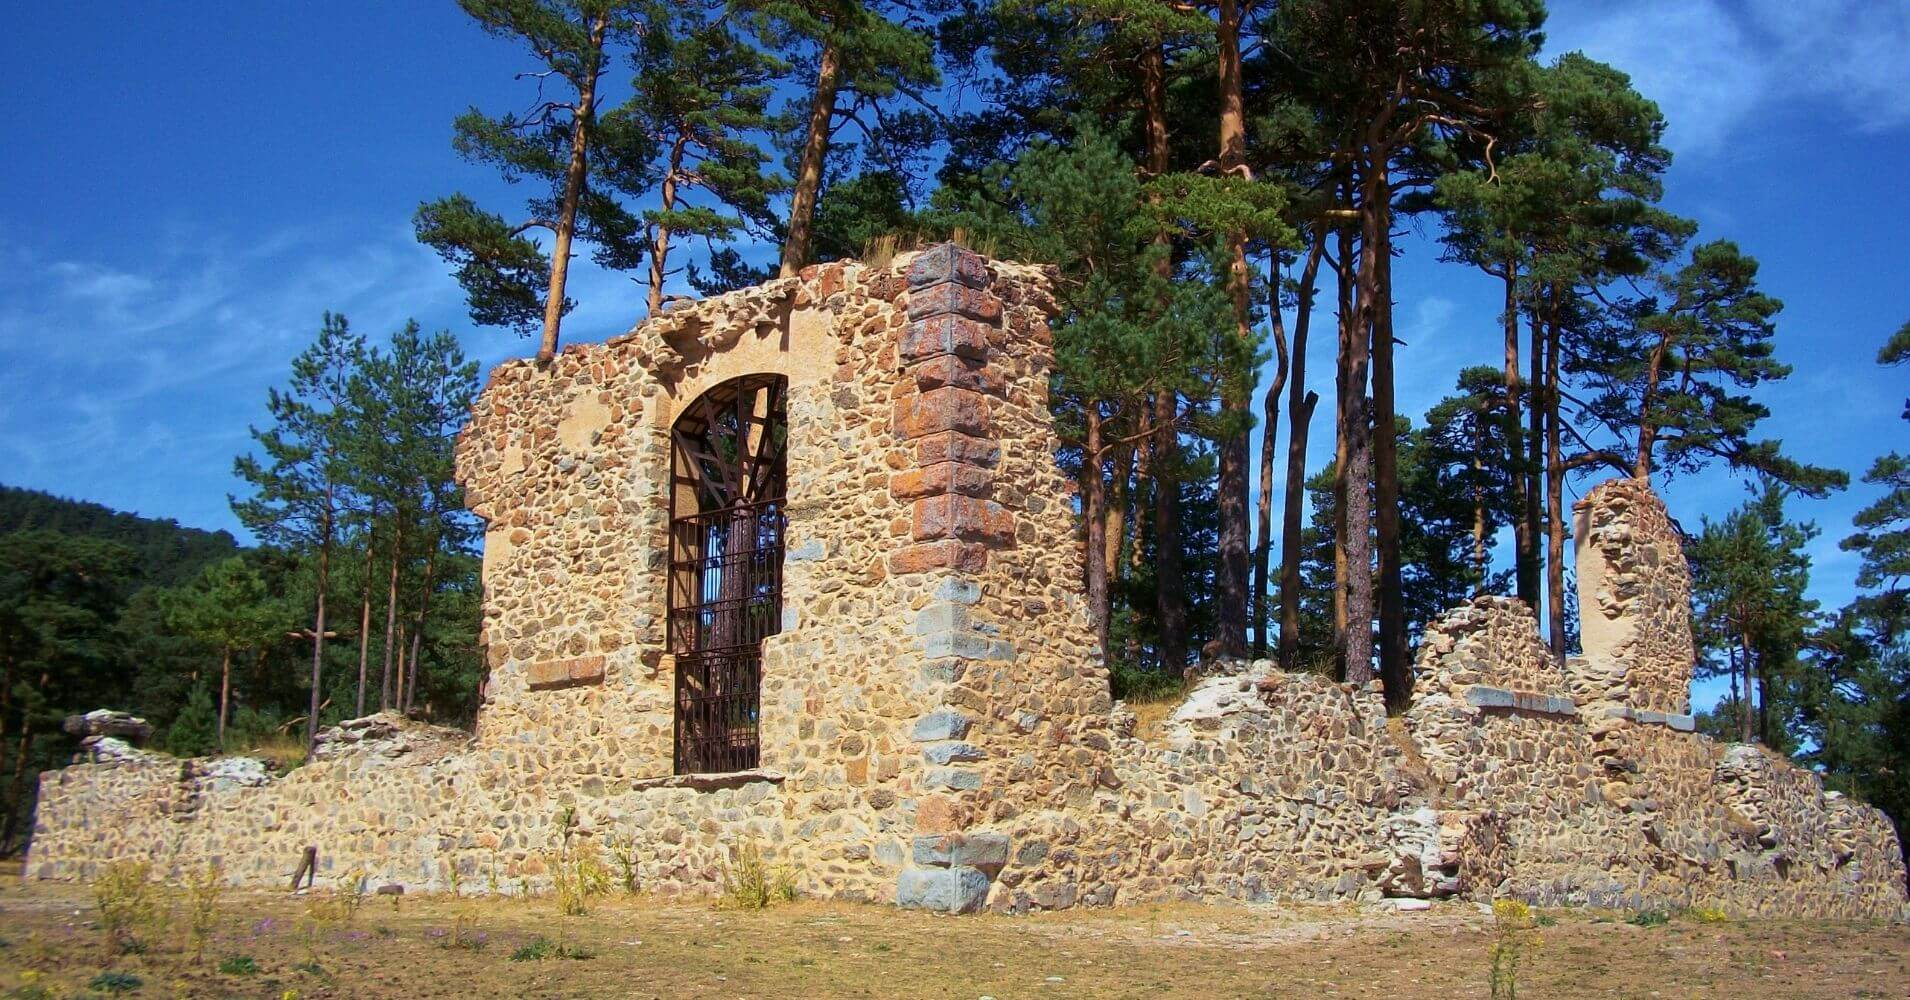 Ruinas de la Casa Eraso. Convento de Casarás. Valsaín, Segovia. Castilla y León.